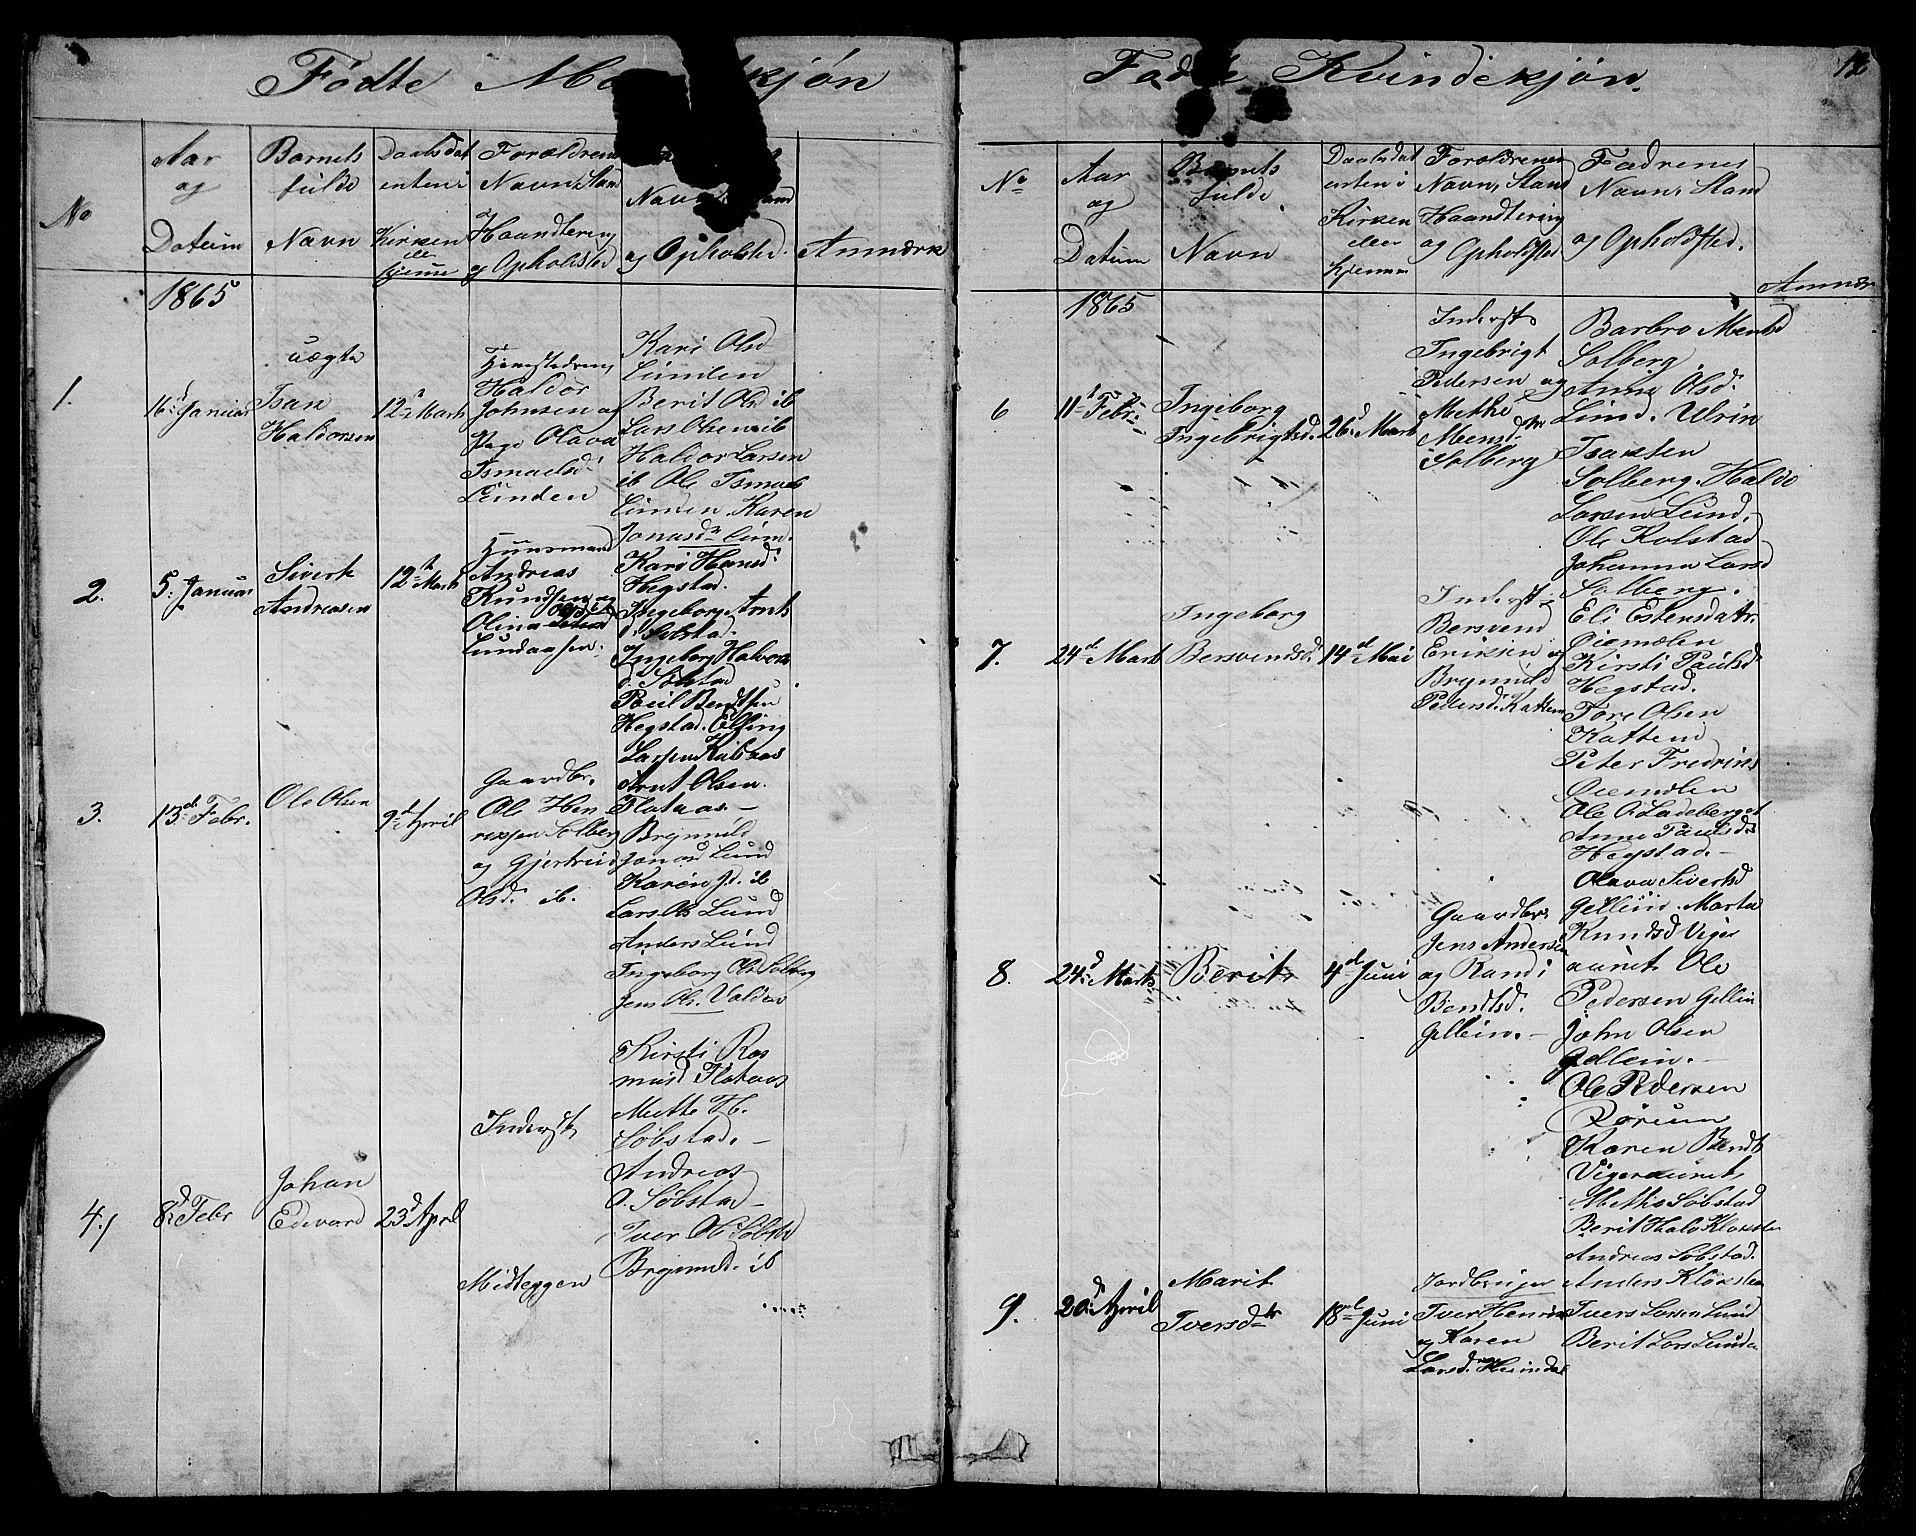 SAT, Ministerialprotokoller, klokkerbøker og fødselsregistre - Sør-Trøndelag, 613/L0394: Klokkerbok nr. 613C02, 1862-1886, s. 12